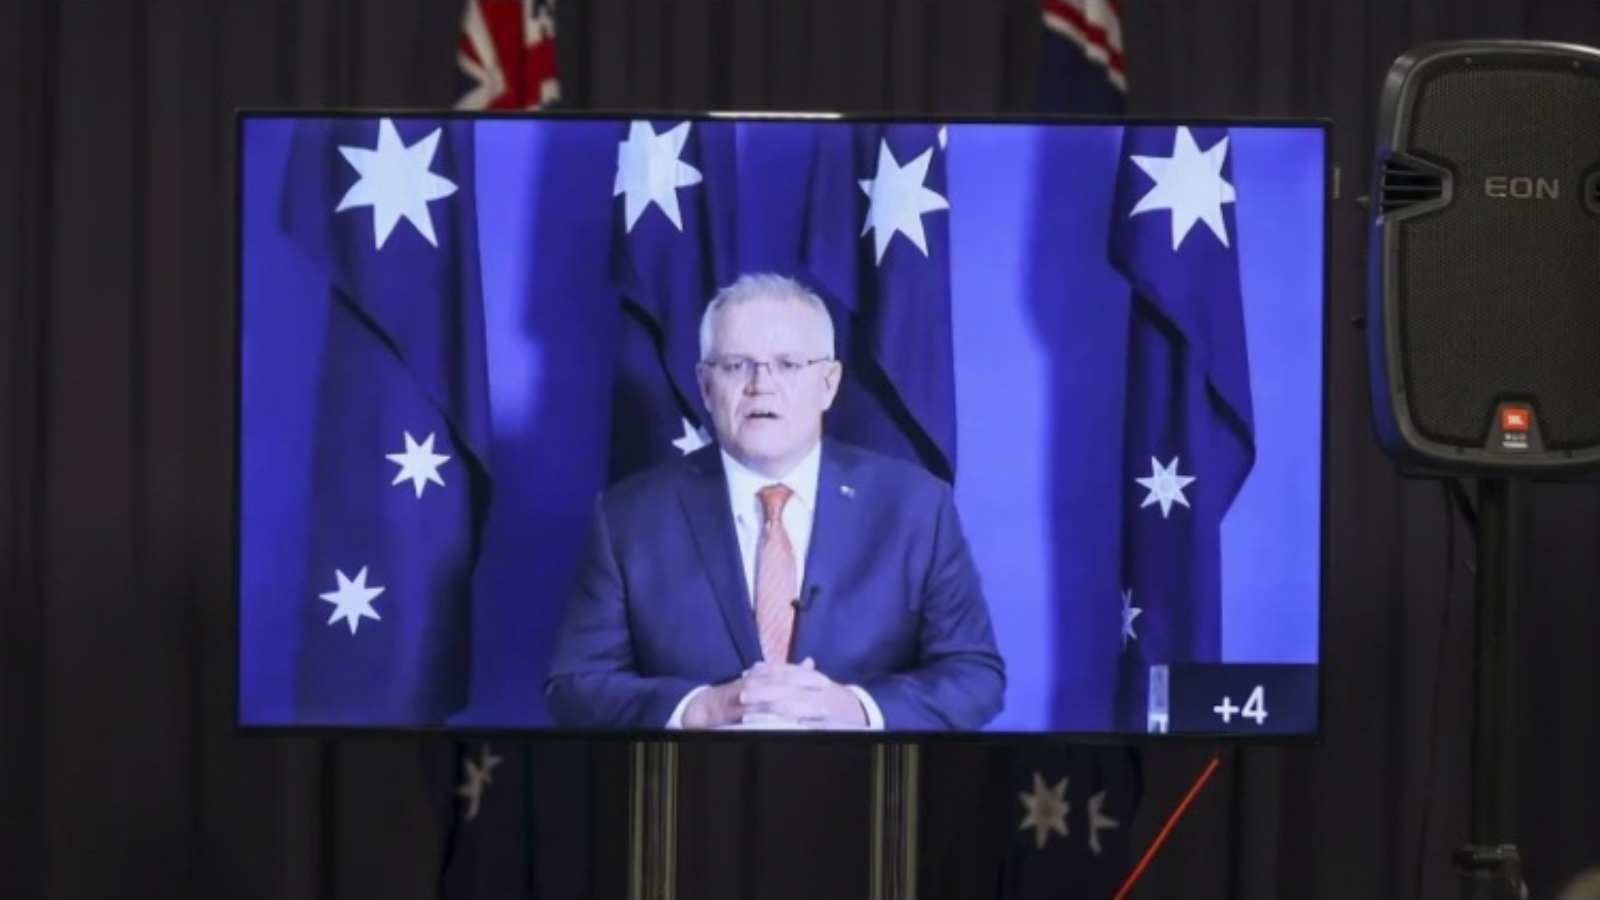 Australia yêu cầu Trung Quốc xin lỗi vì dòng tweet của Người phát ngôn Bộ Ngoại giao